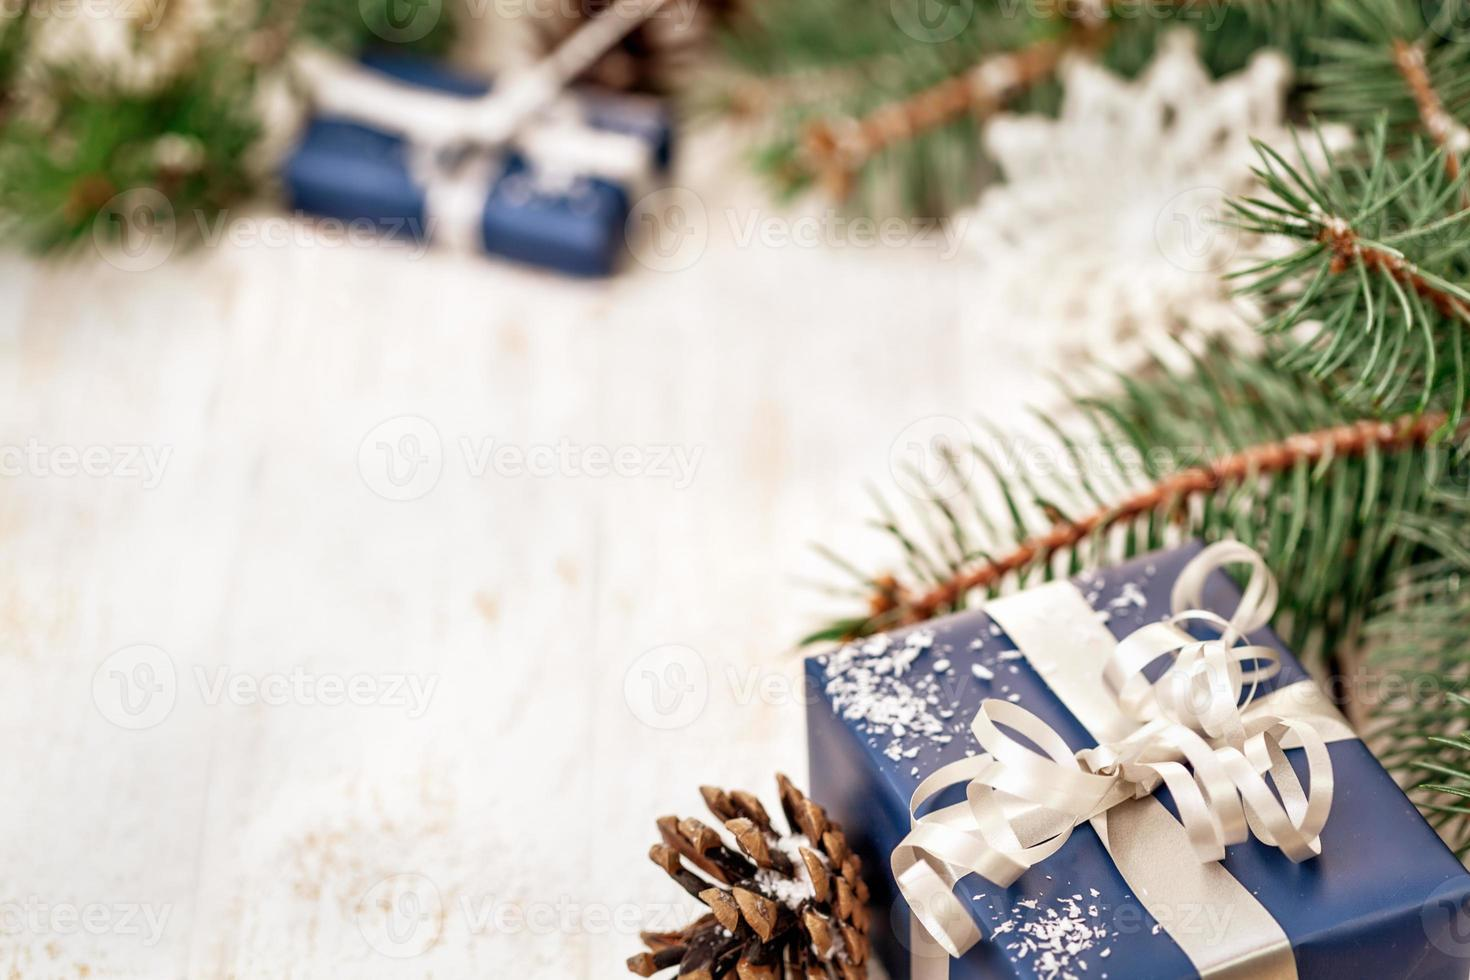 décoration de cadeau de Noël avec espace copie photo